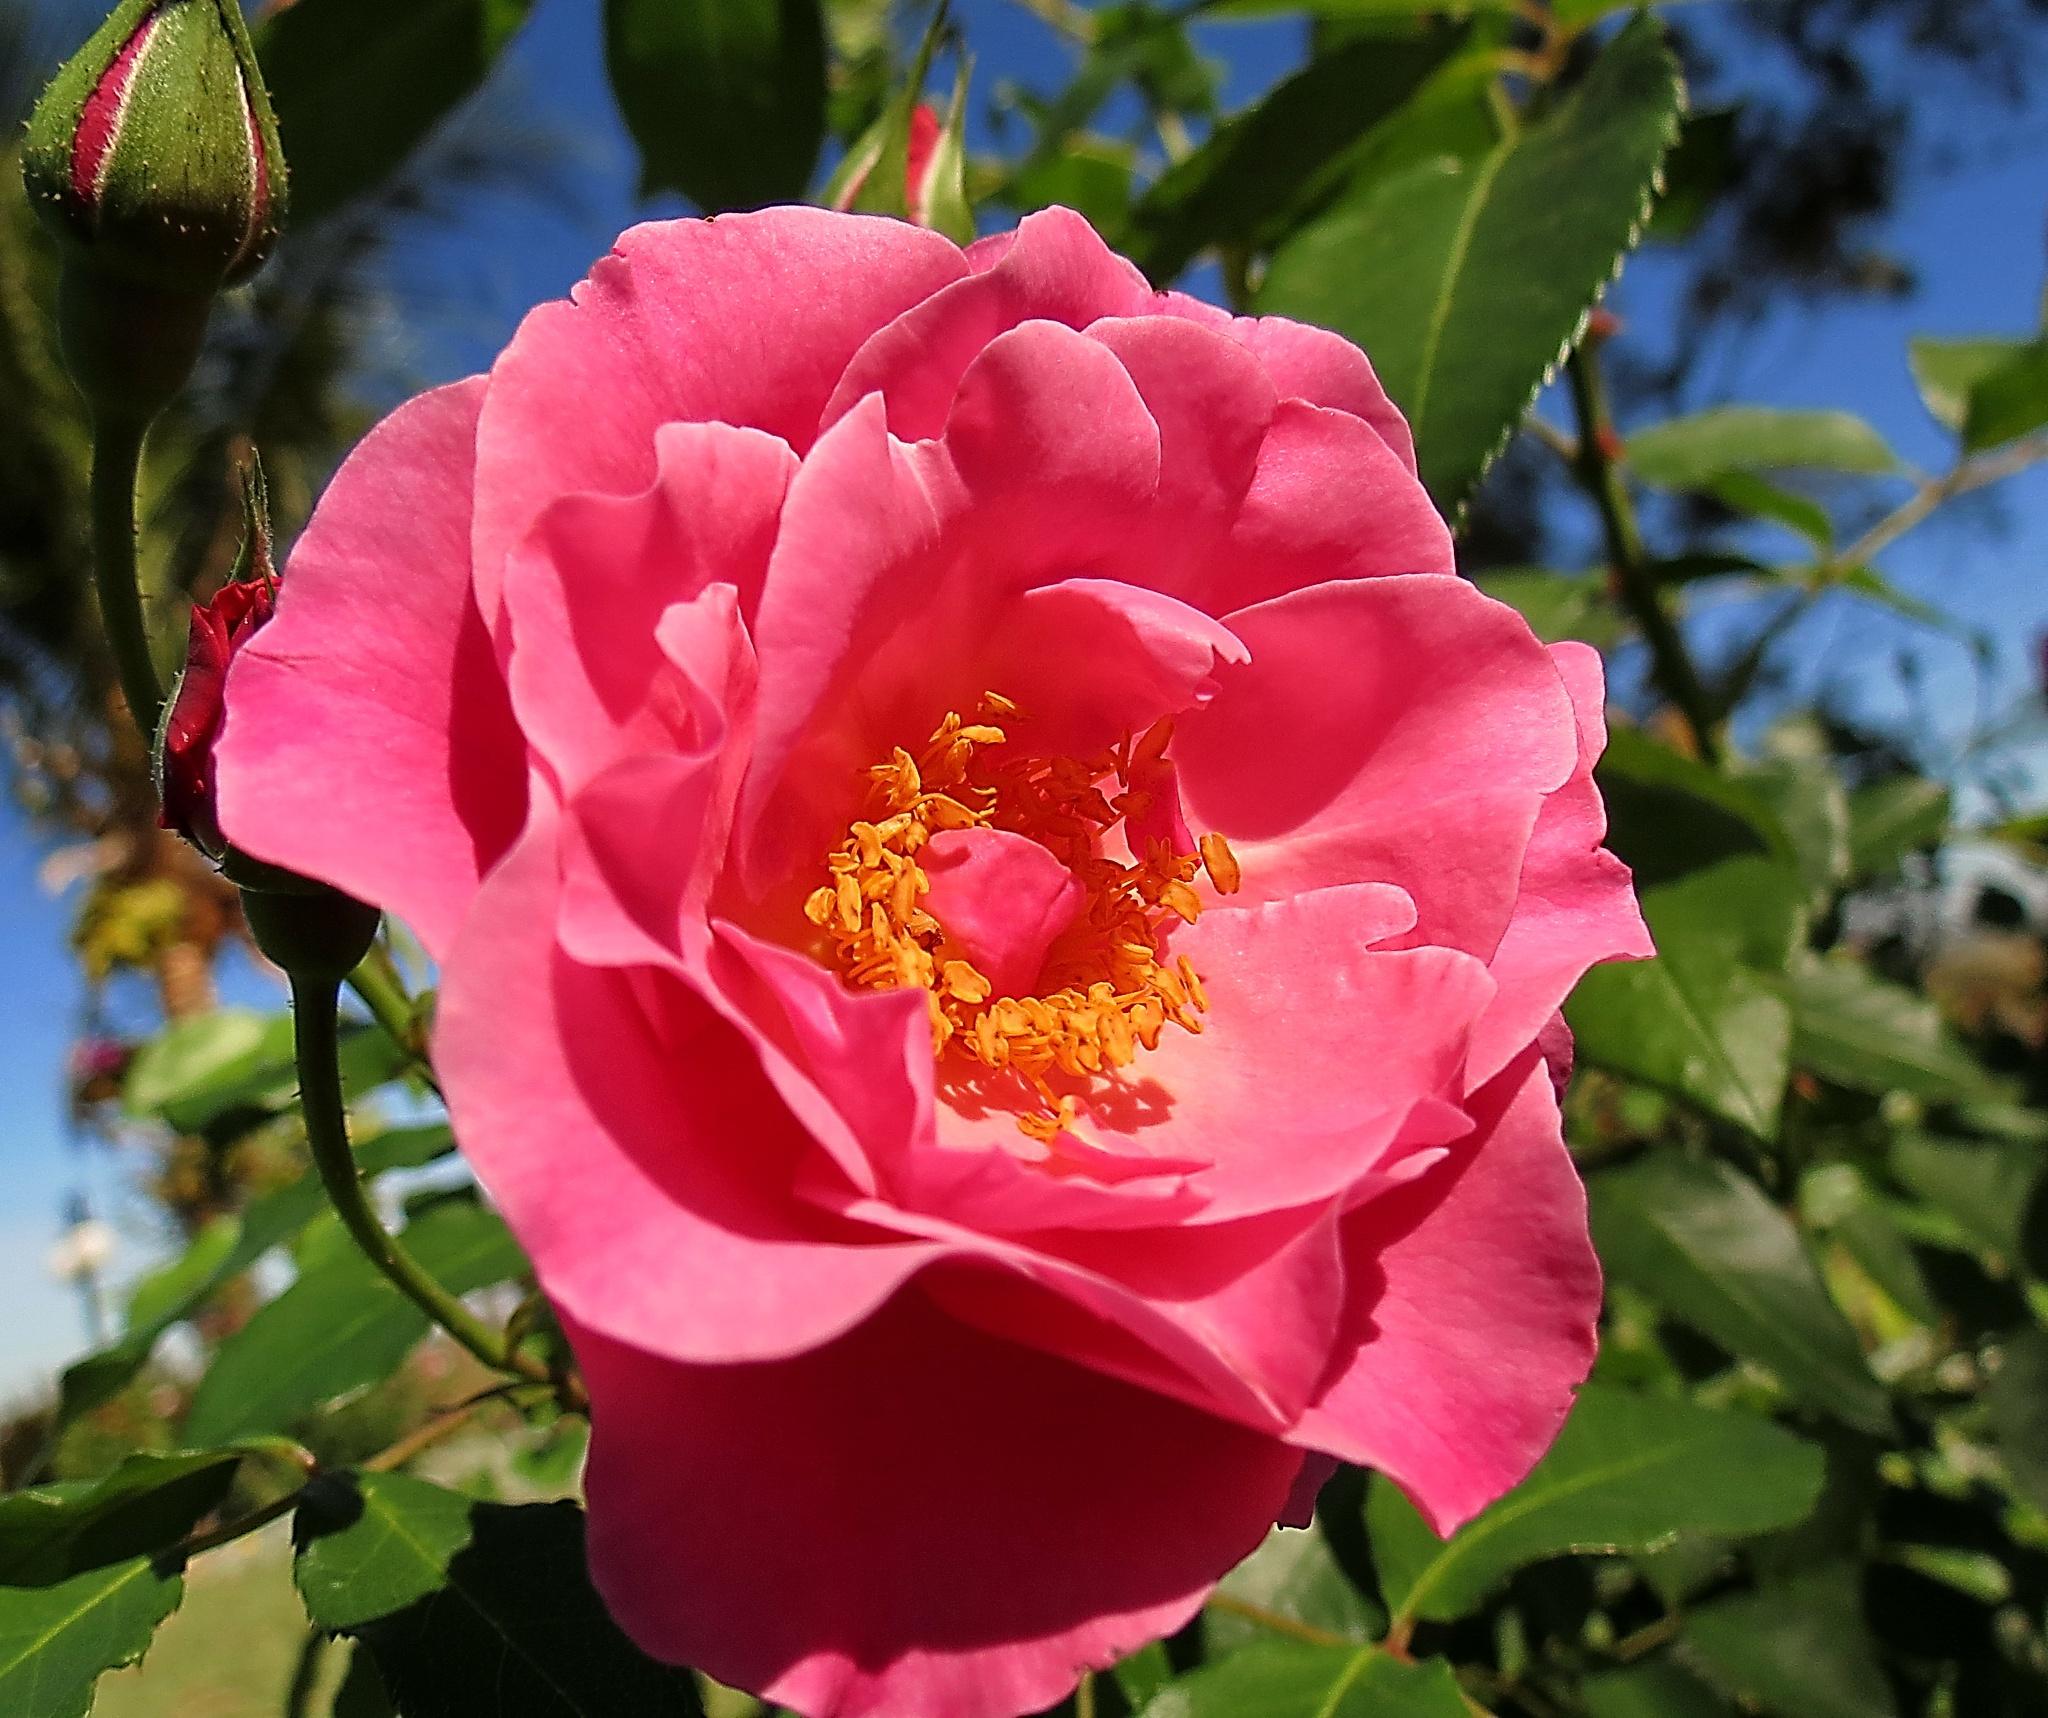 Rose in garden by Nestor